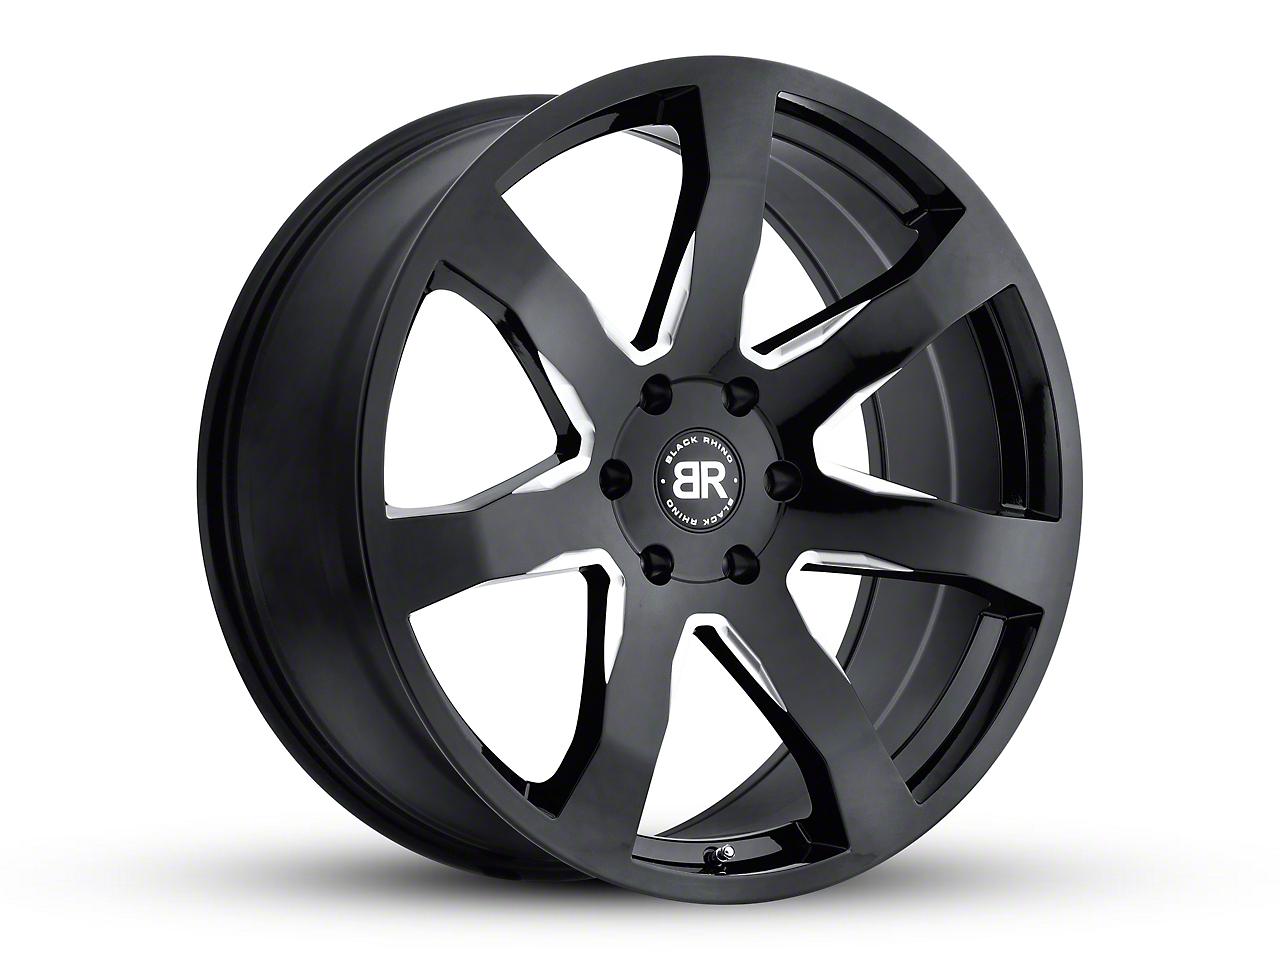 Black Rhino Mozambique Gloss Black Milled 6-Lug Wheel - 22x9.5 (99-18 Silverado 1500)